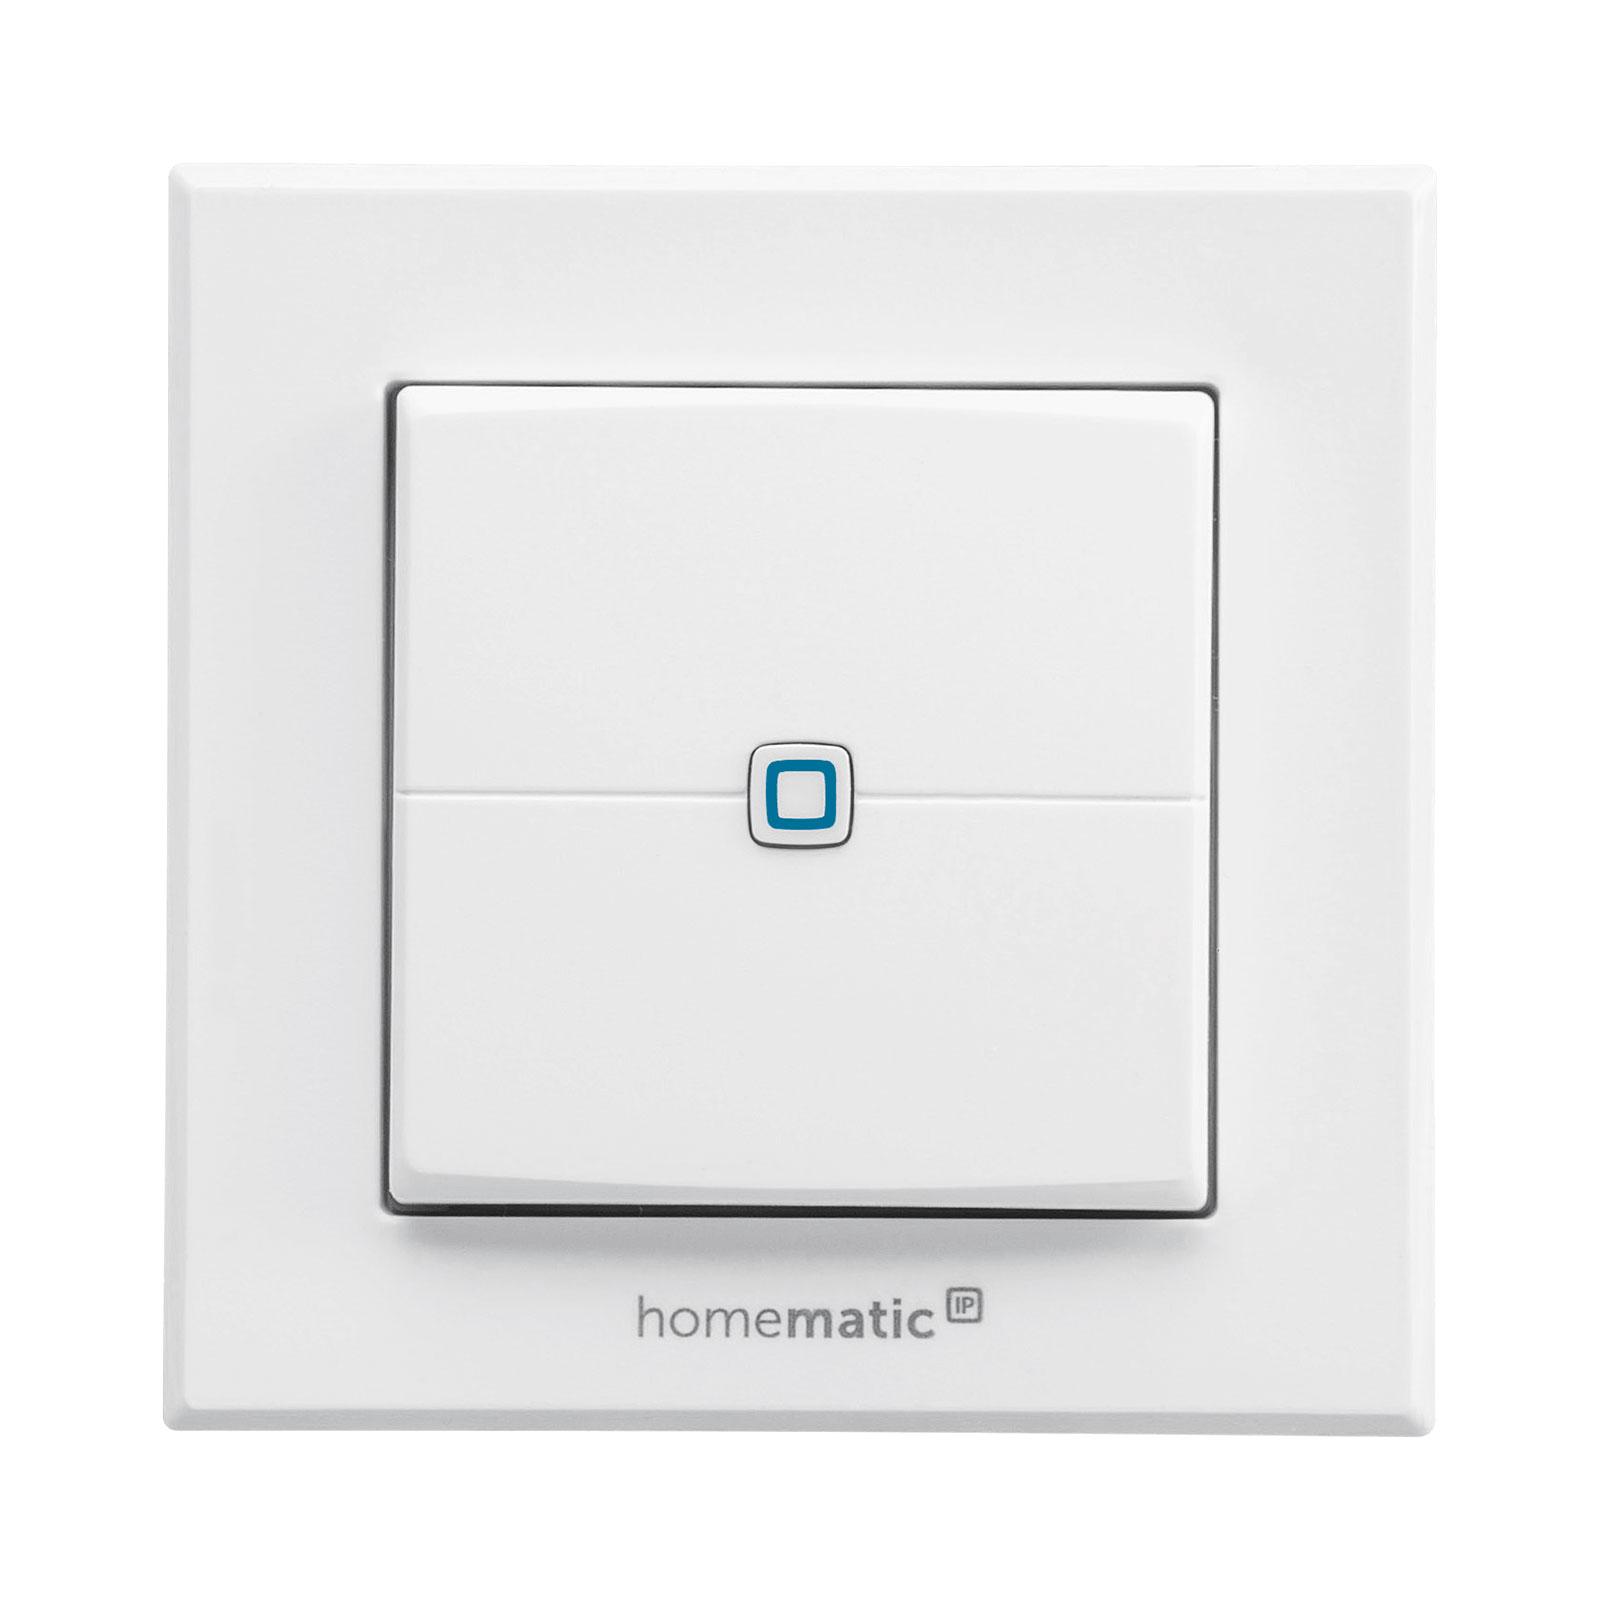 Homematic IP väggknapp, 2-vägs